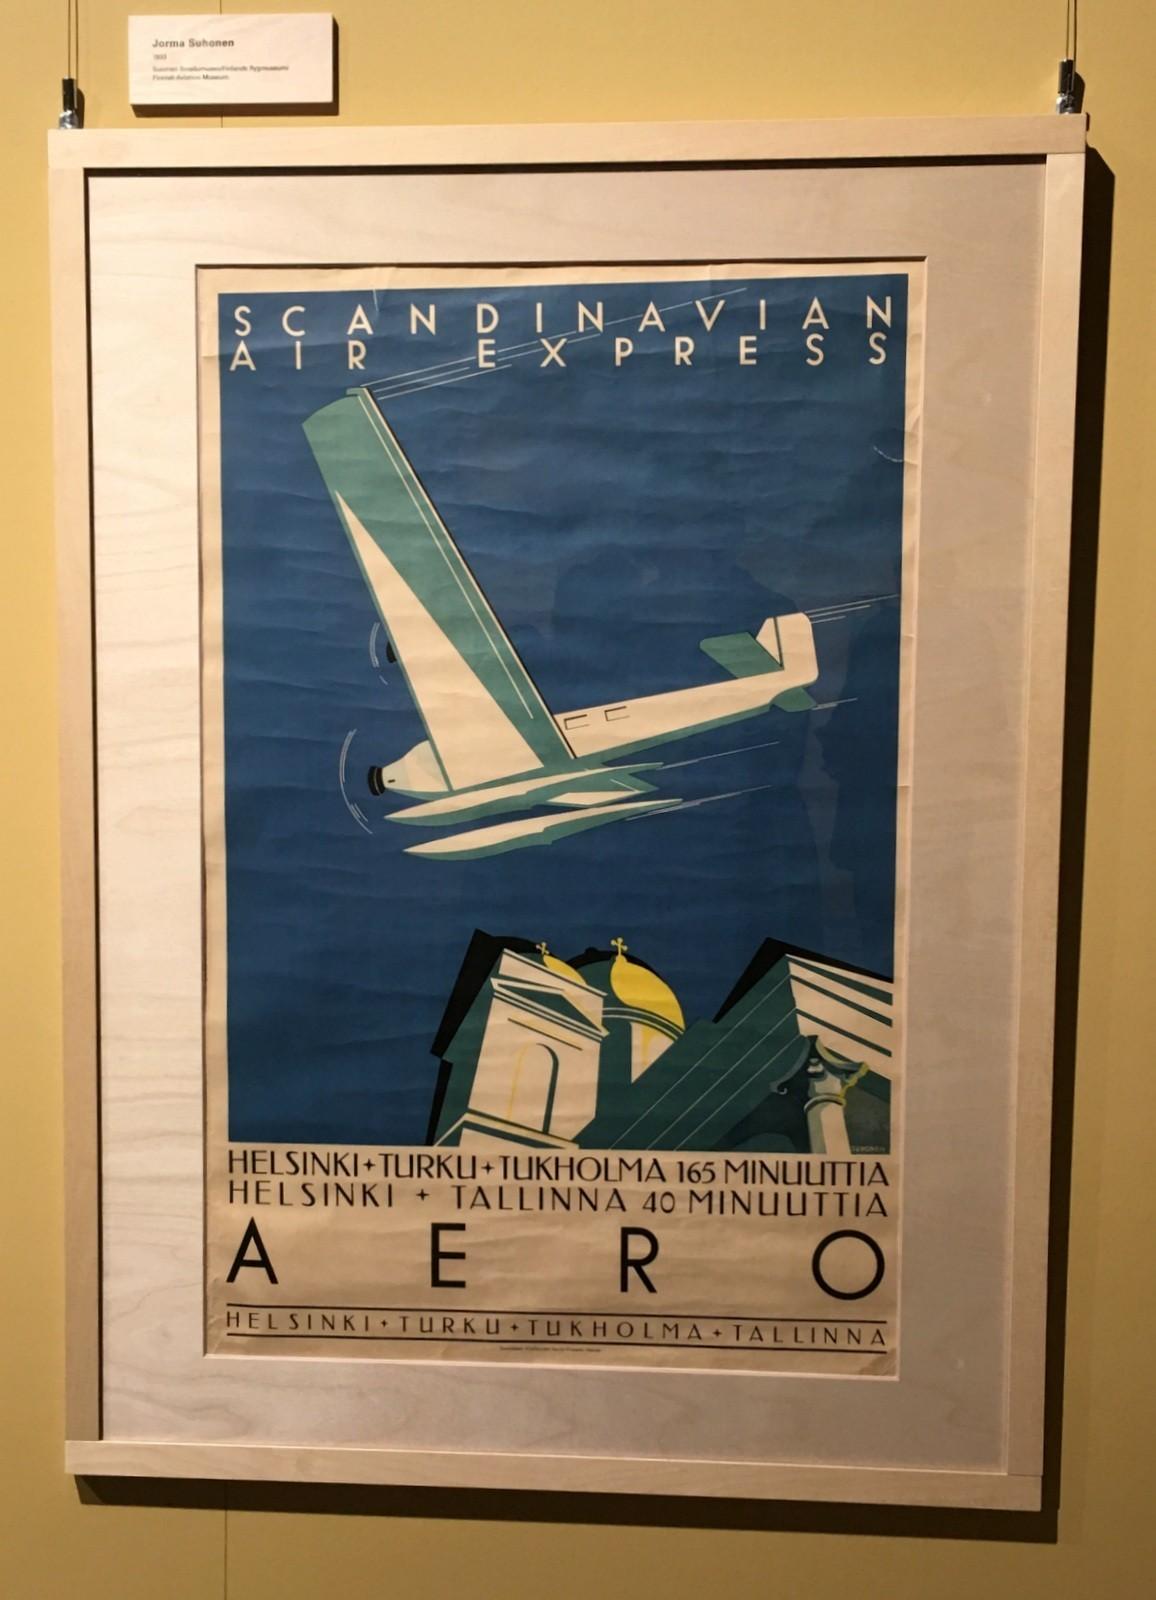 Lentoliikenne matkailujuliste